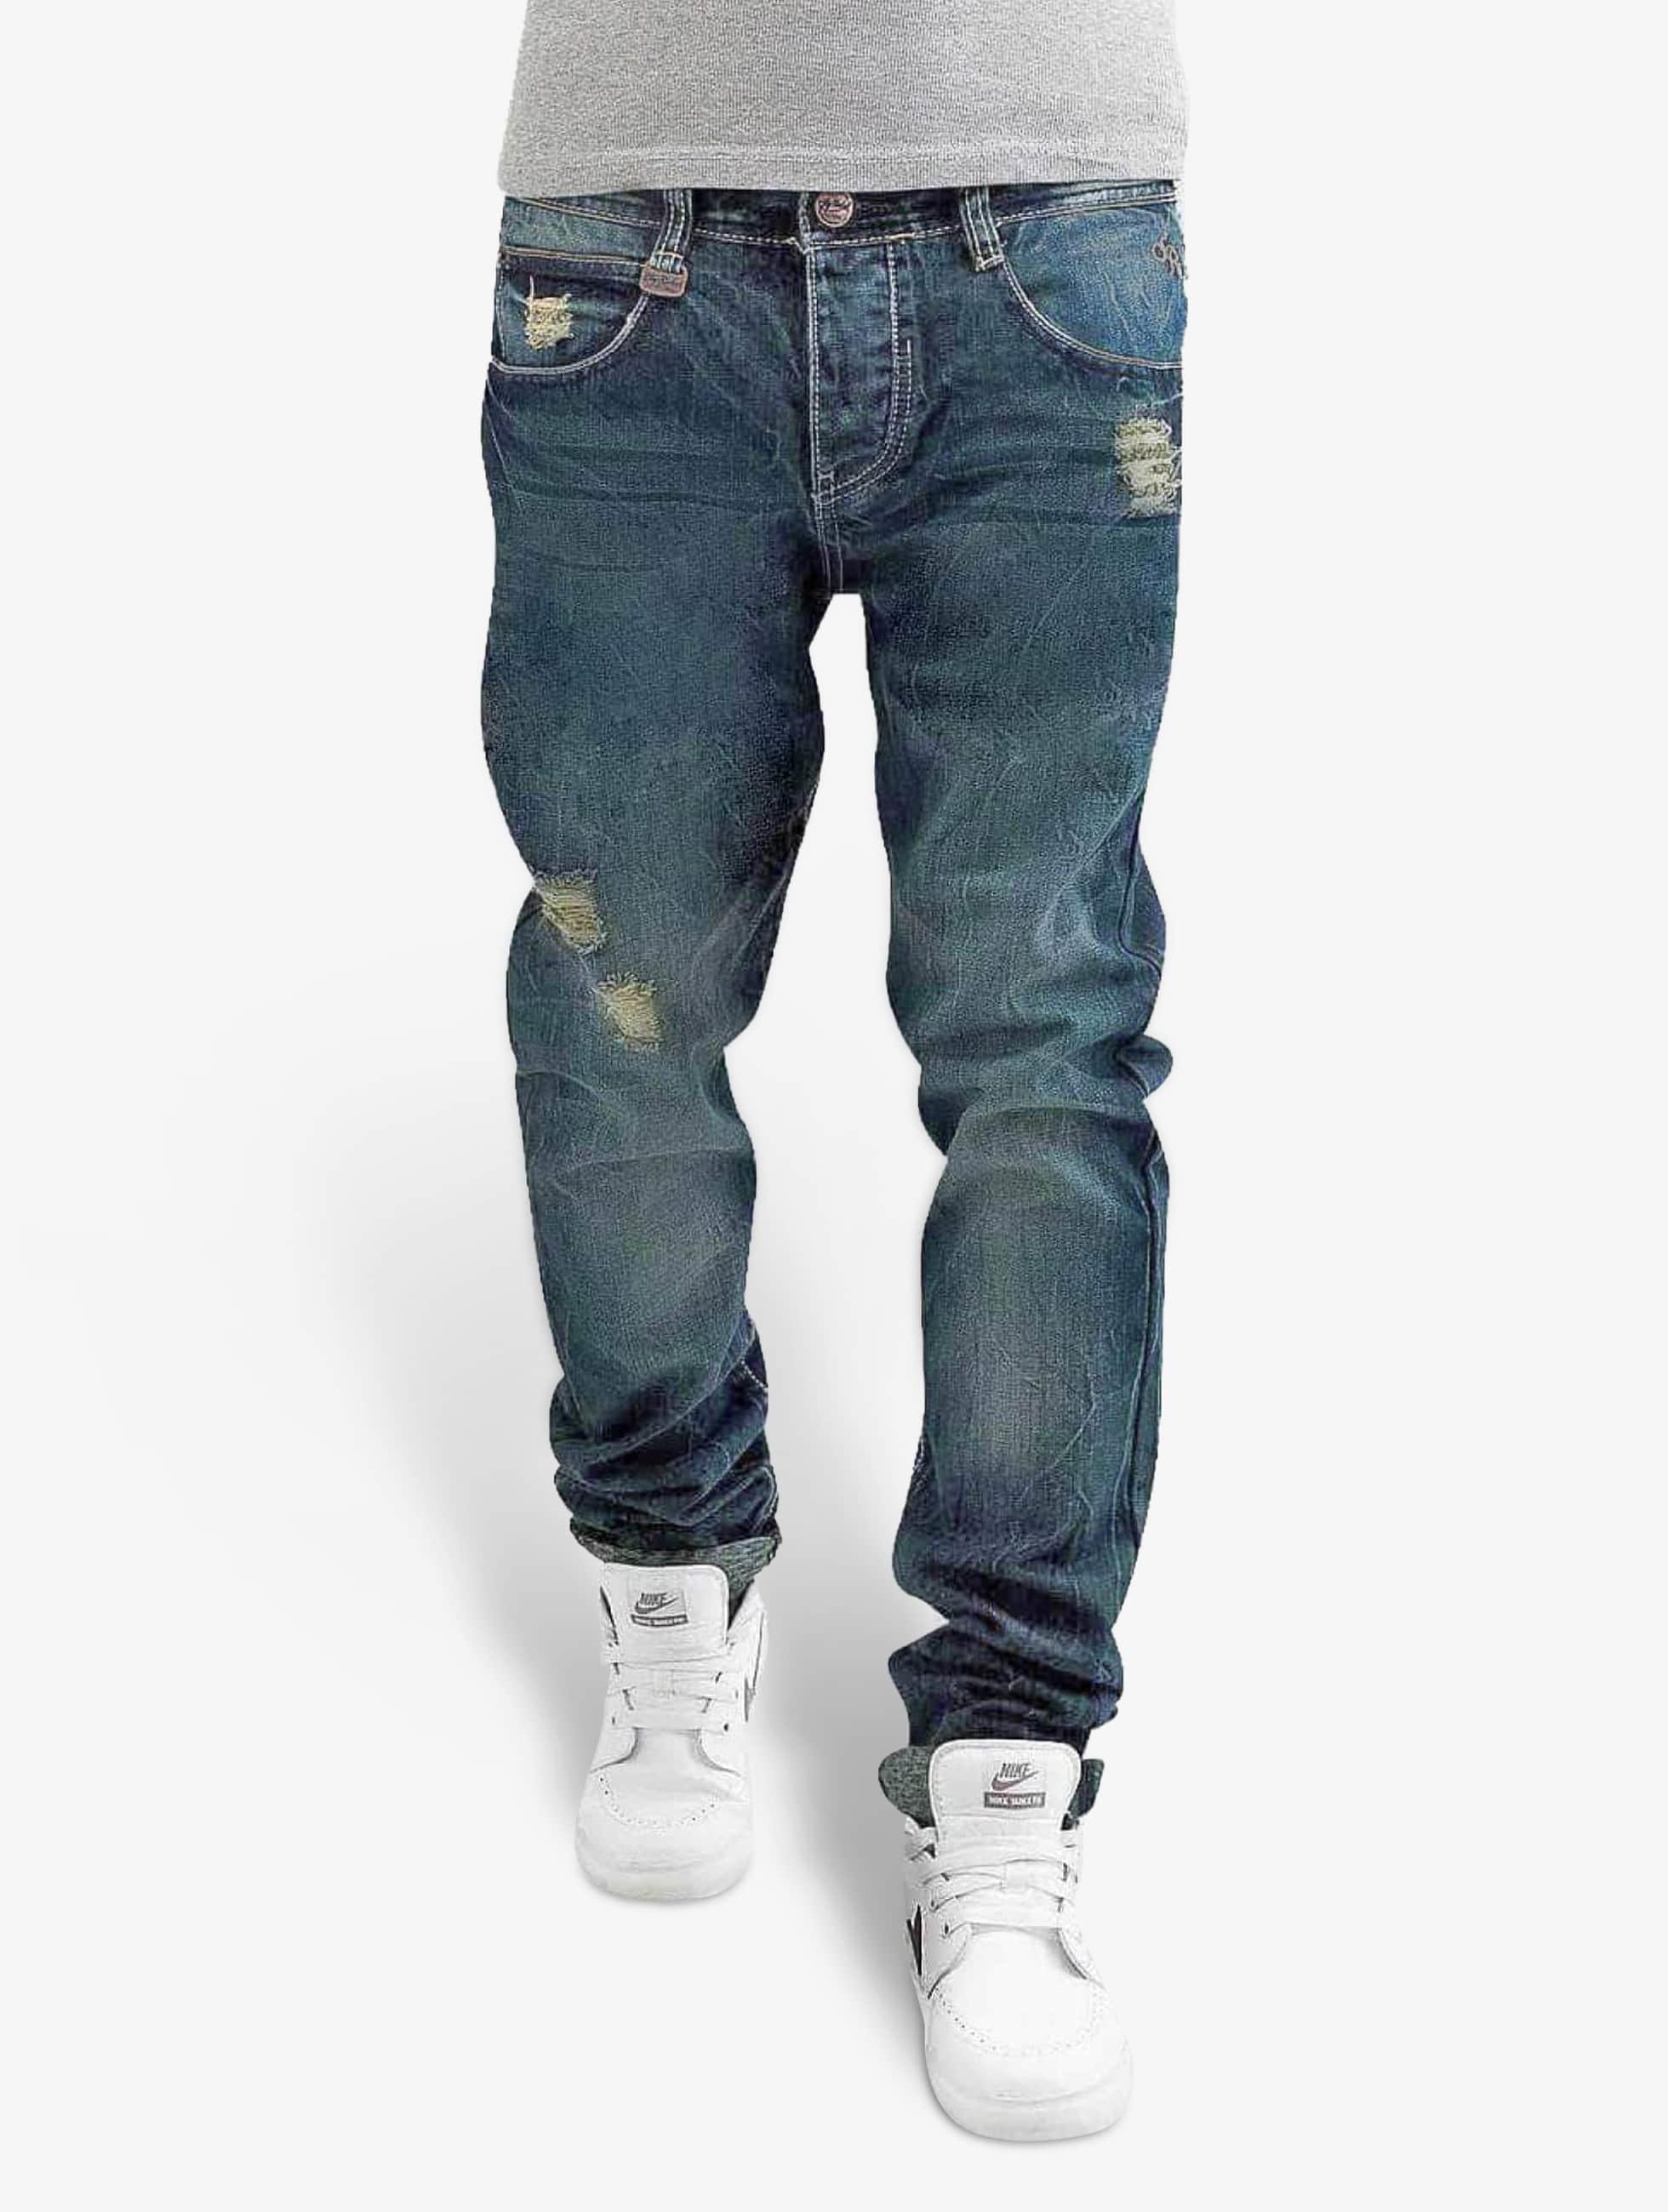 Antifit Jeans Blue Pantaloni Uomo Taglia w30-w38 MODA FASHION Who shot ya